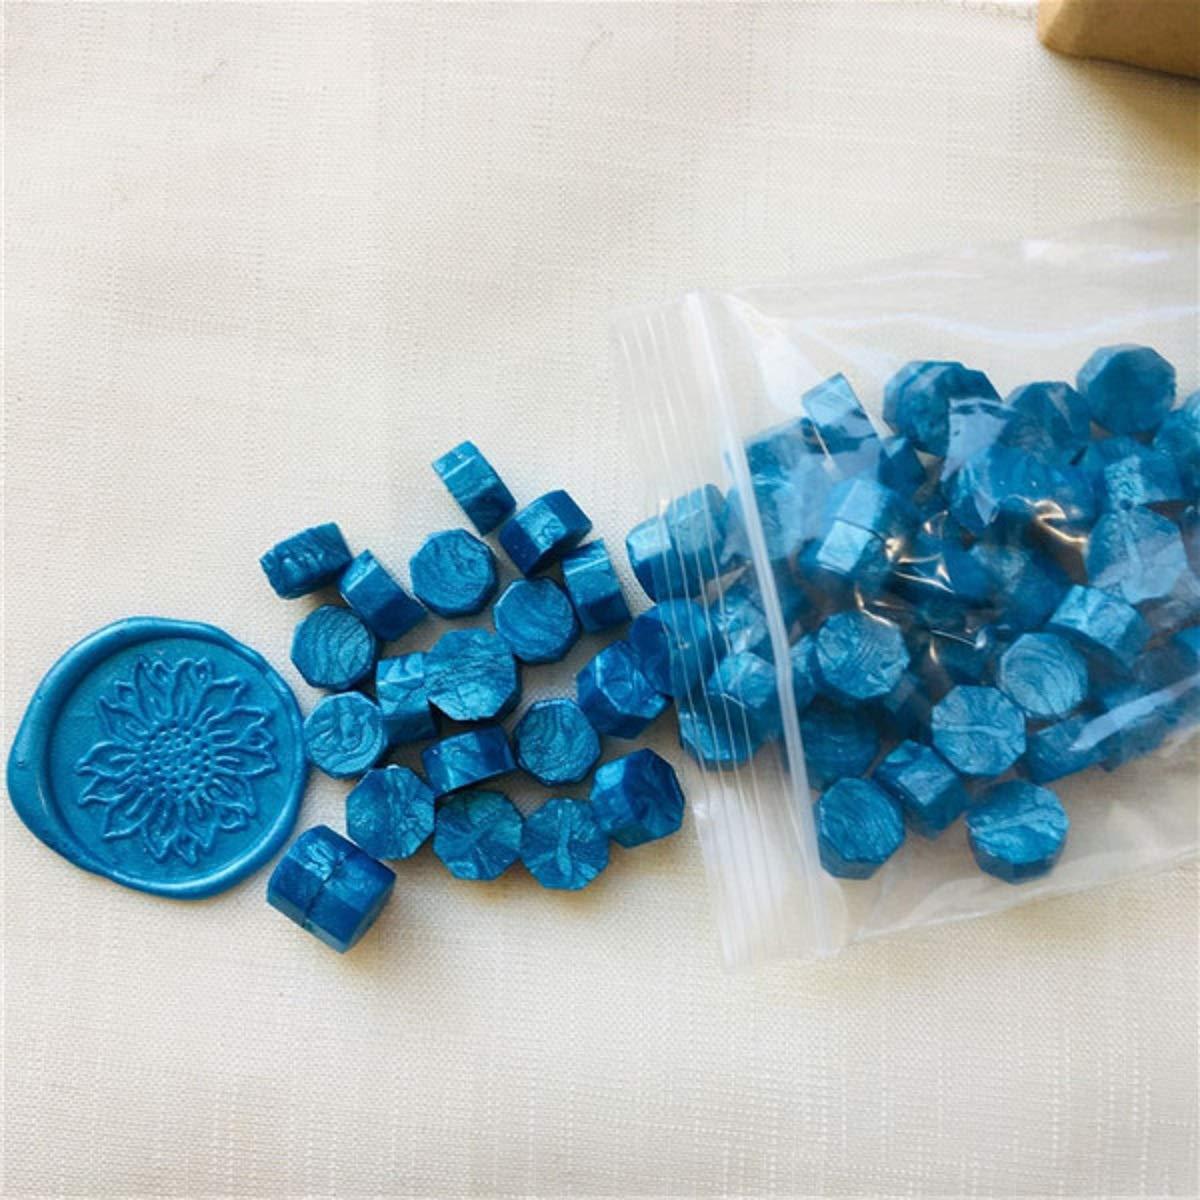 Mishiner Perline di Cera sigillante 100pcs Timbro Cera Vintage Sigillo di Cera Timbro Tablet Pillola Perline per Busta Matrimonio Sigillo di Cera Antico Sigillo di Cera Verde